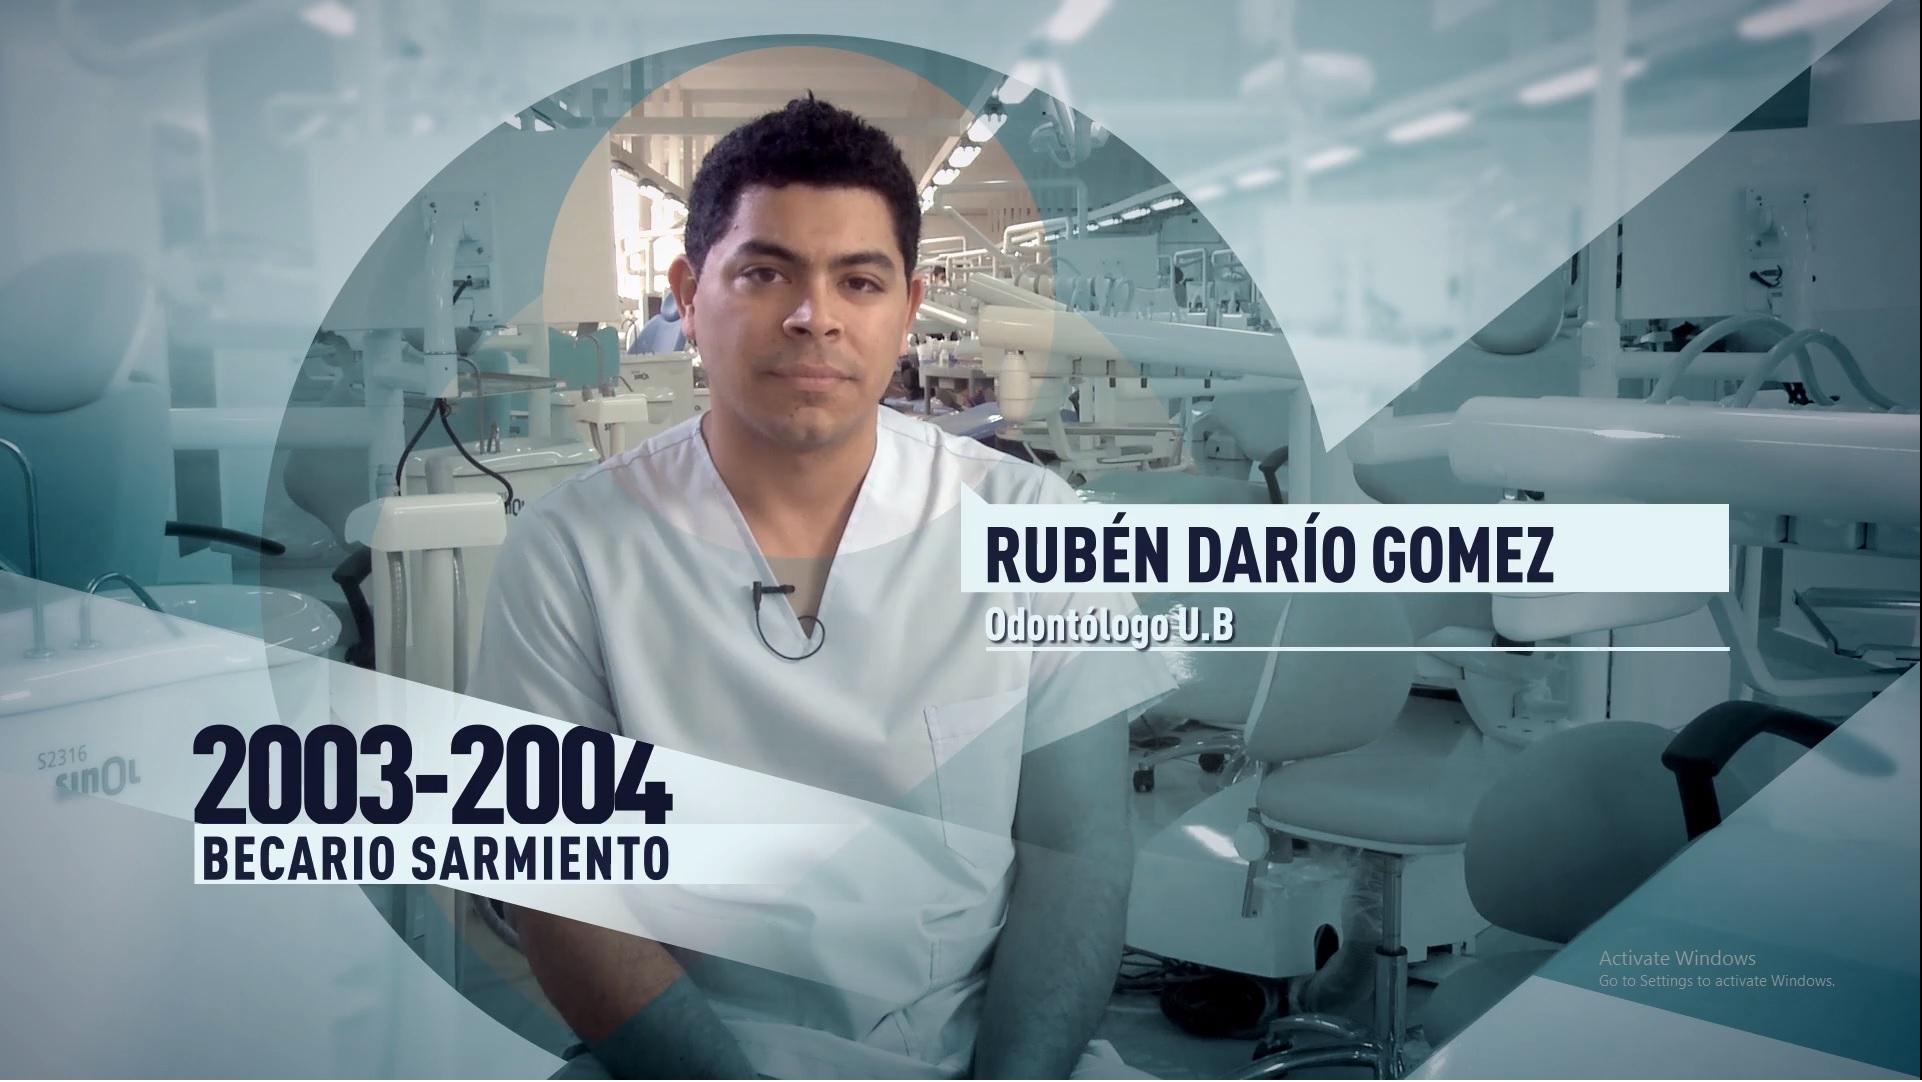 Soy UBA Odontología - Rubén Darío Gomez, becario